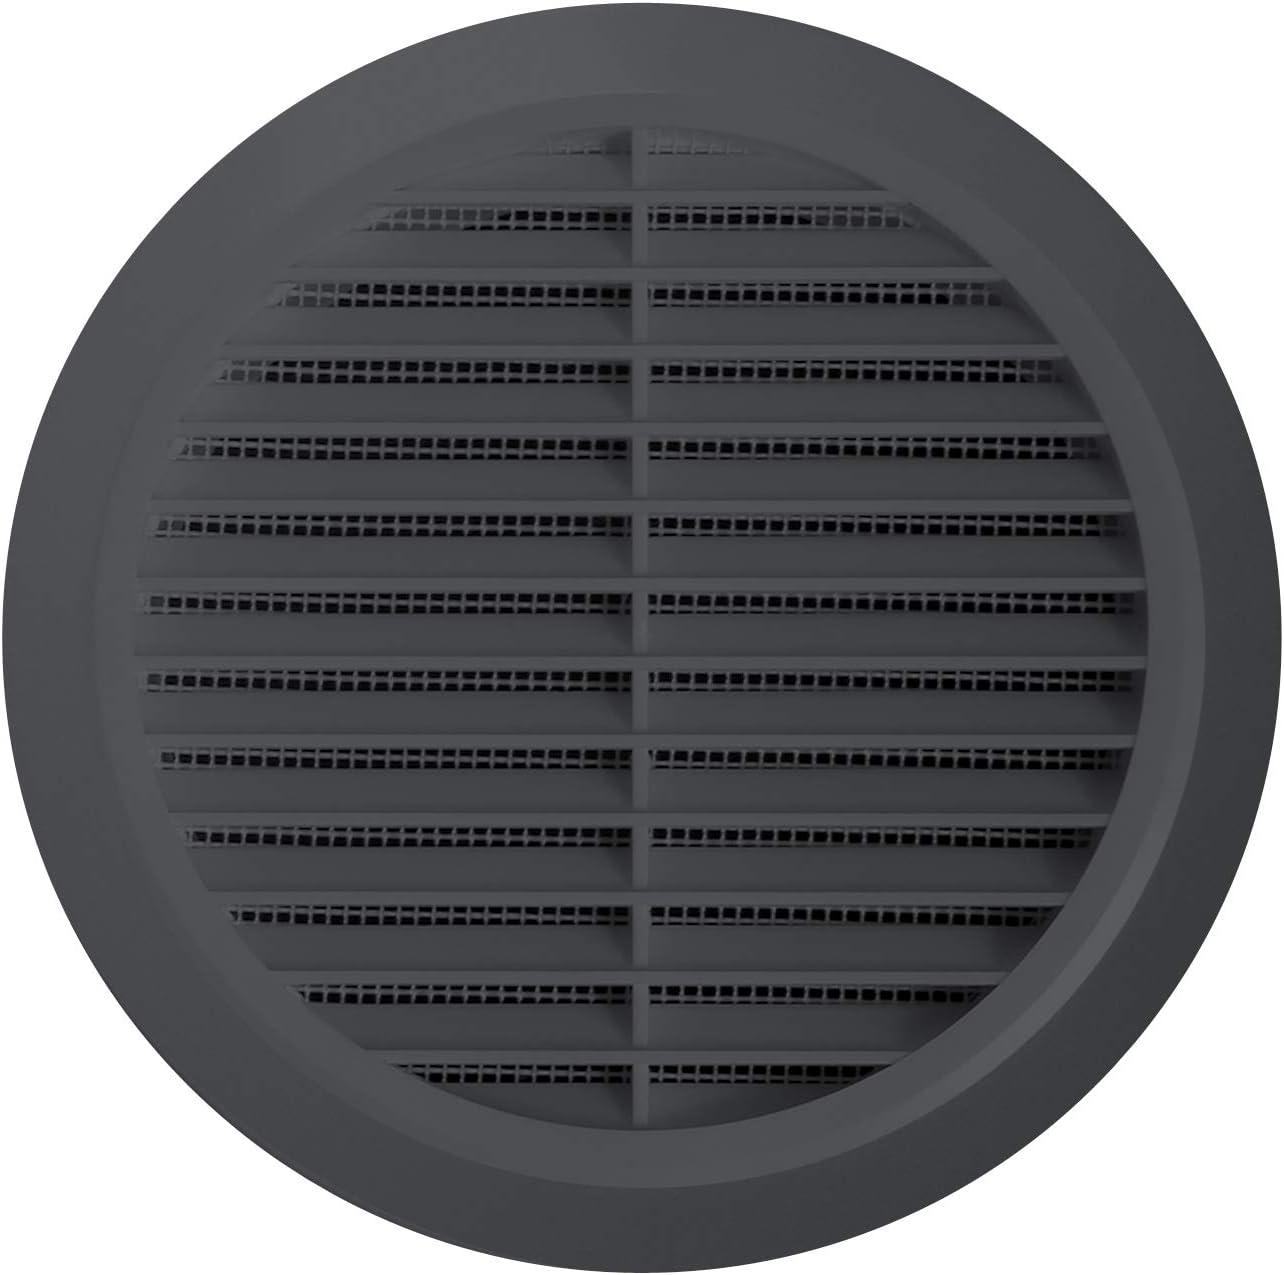 Rejilla de ventilaci/ón redonda antinsectos rejilla de ventilaci/ón anti-insectos pl/ástico 80/mm de di/ámetro Antracita